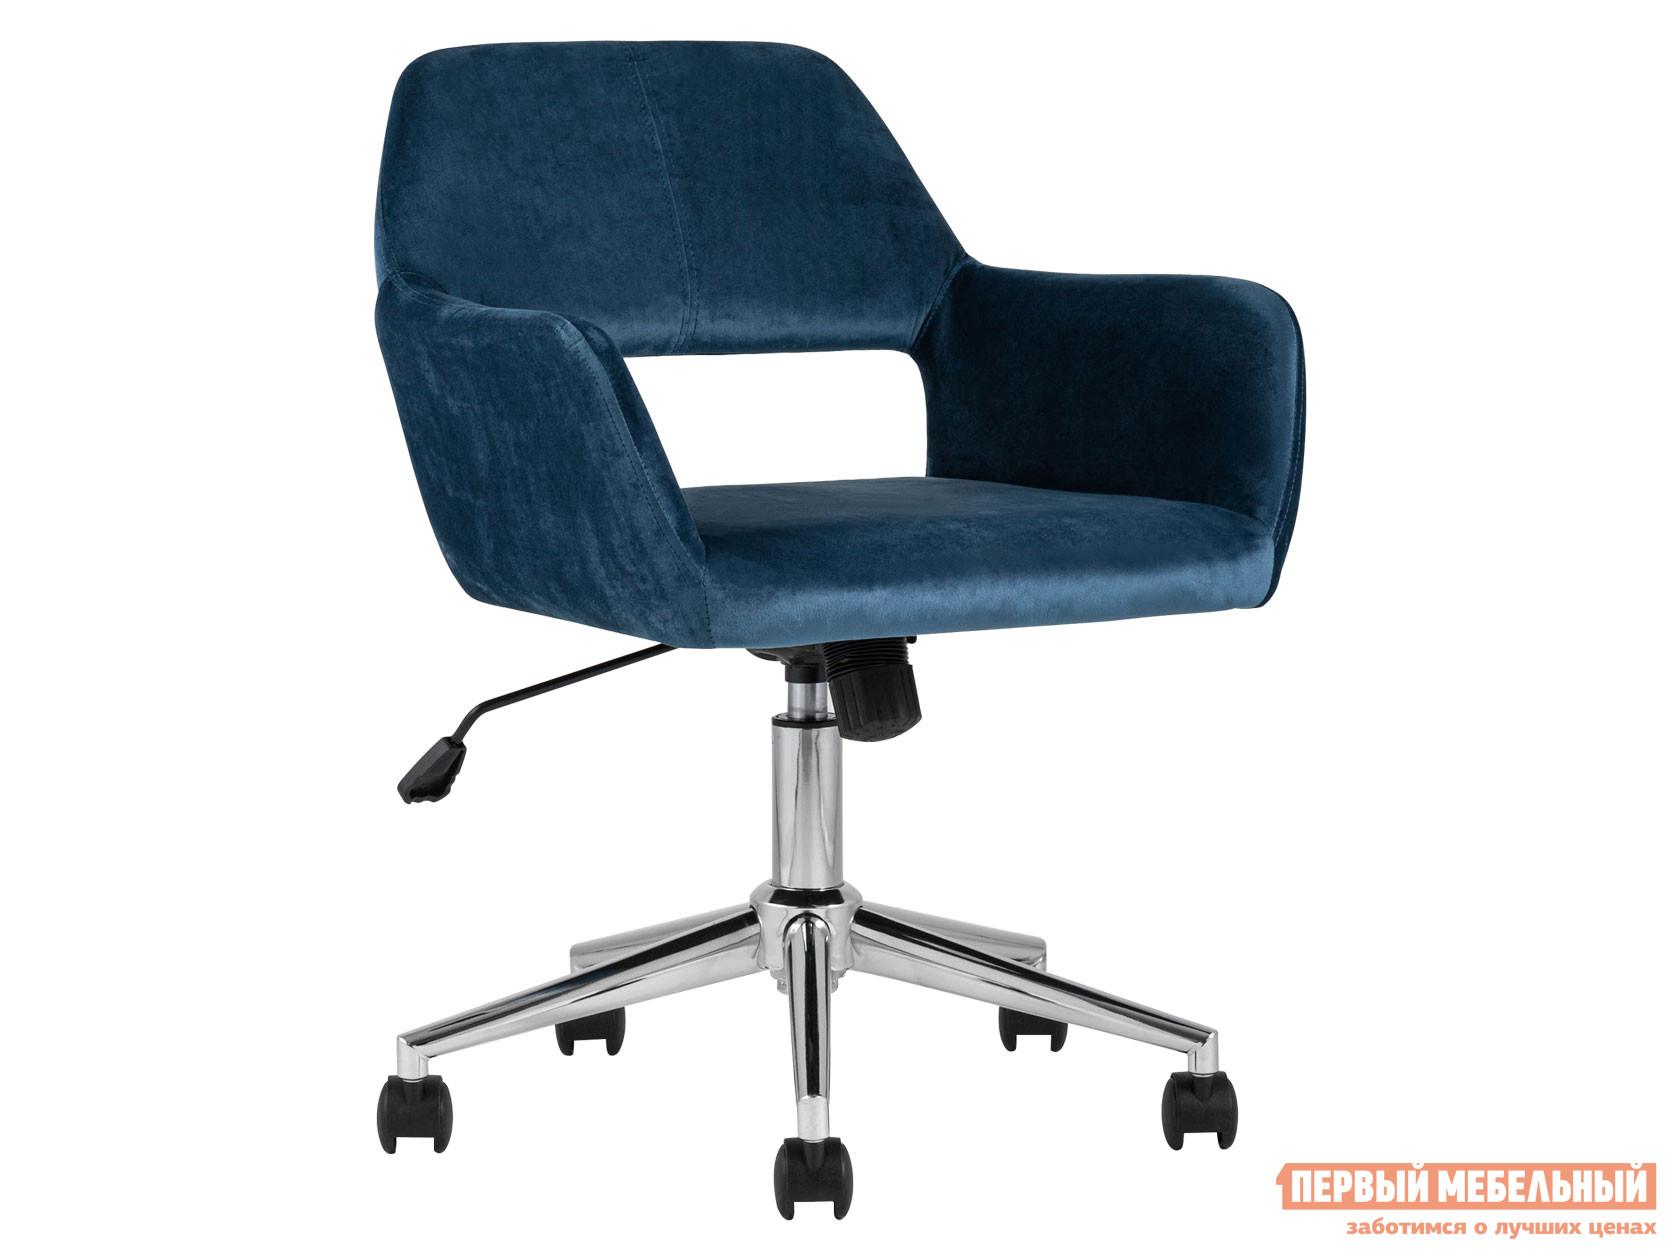 Офисное кресло Первый Мебельный Стул офисный ROSS